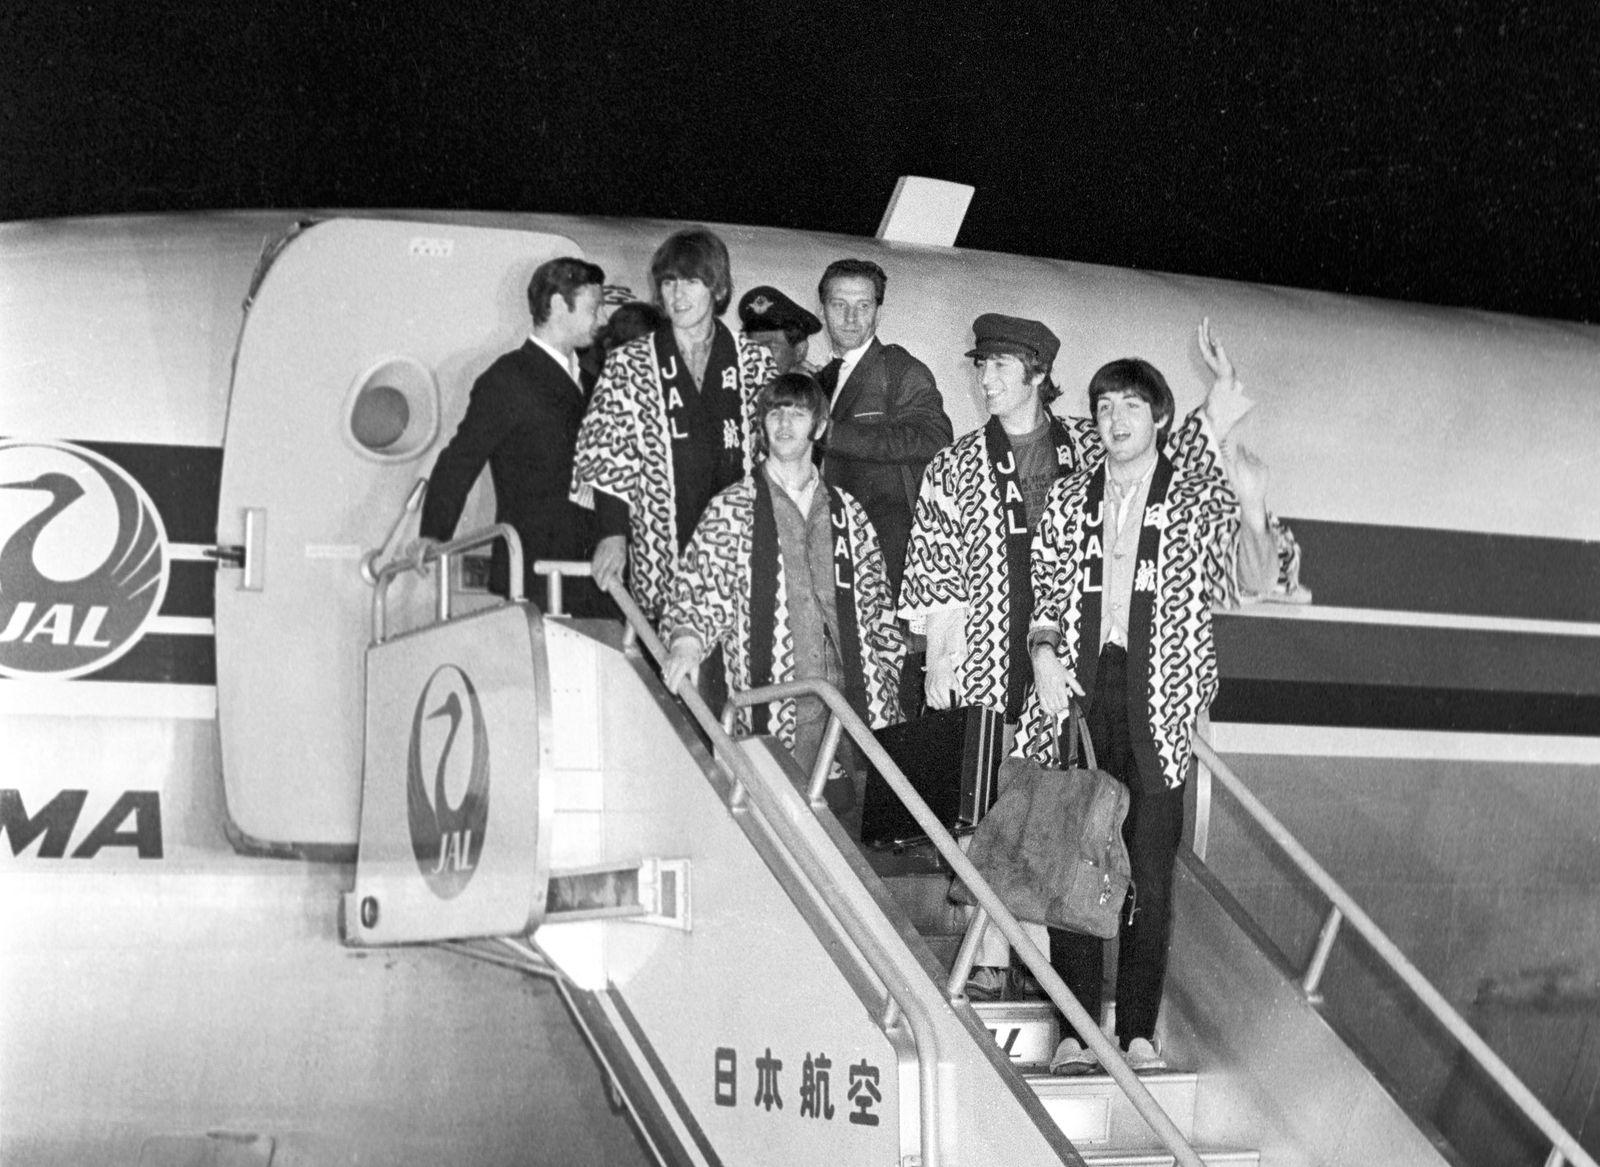 Beatles Japan Tour